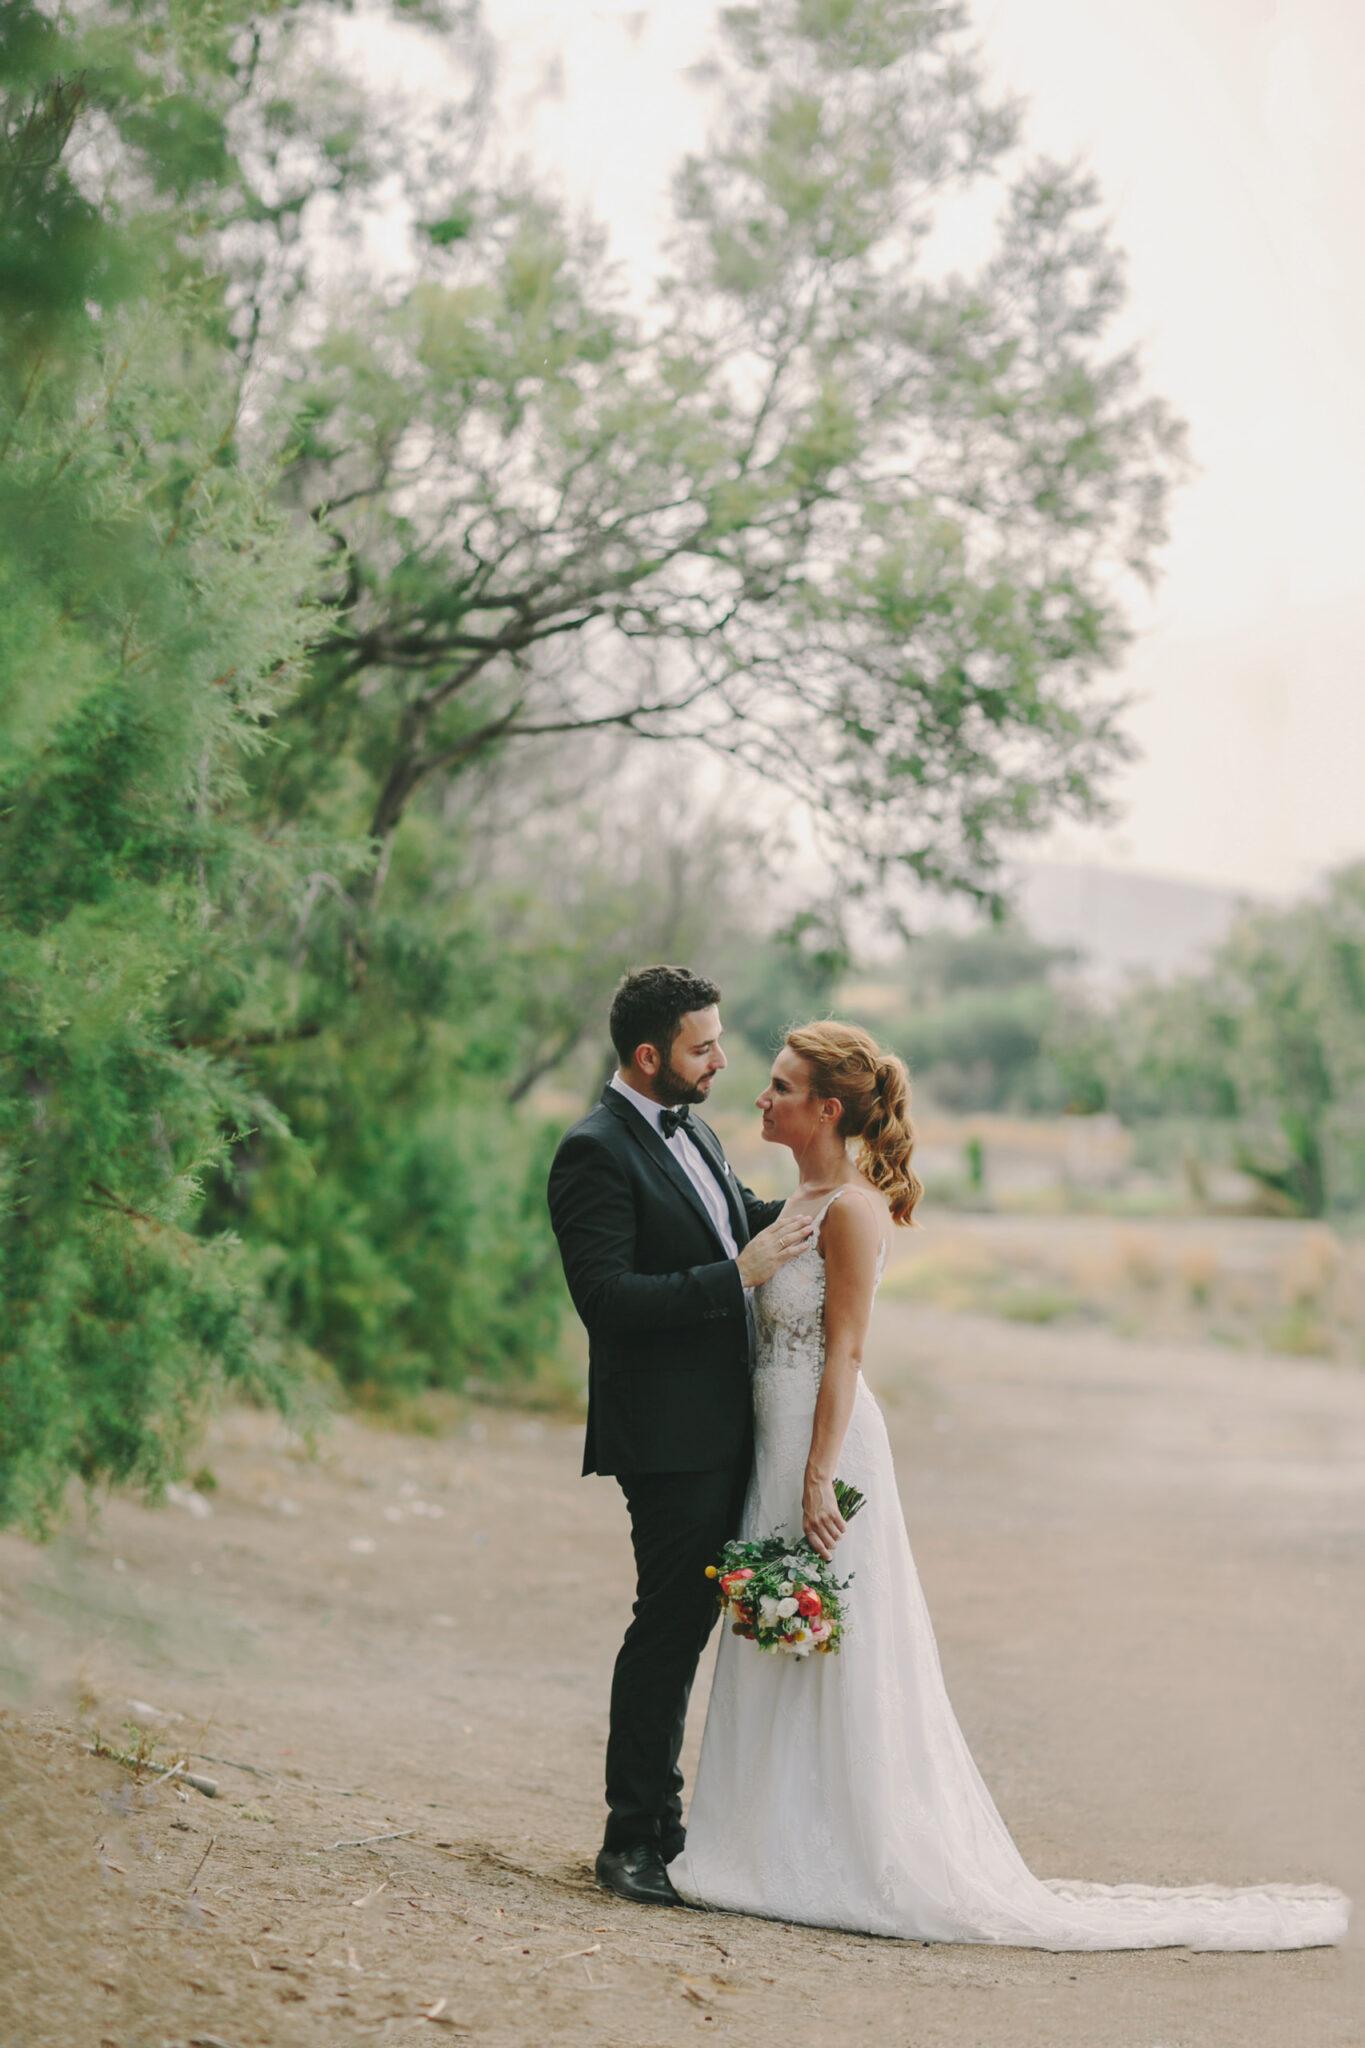 γαμος-στο-αλσος-νυμφων-1